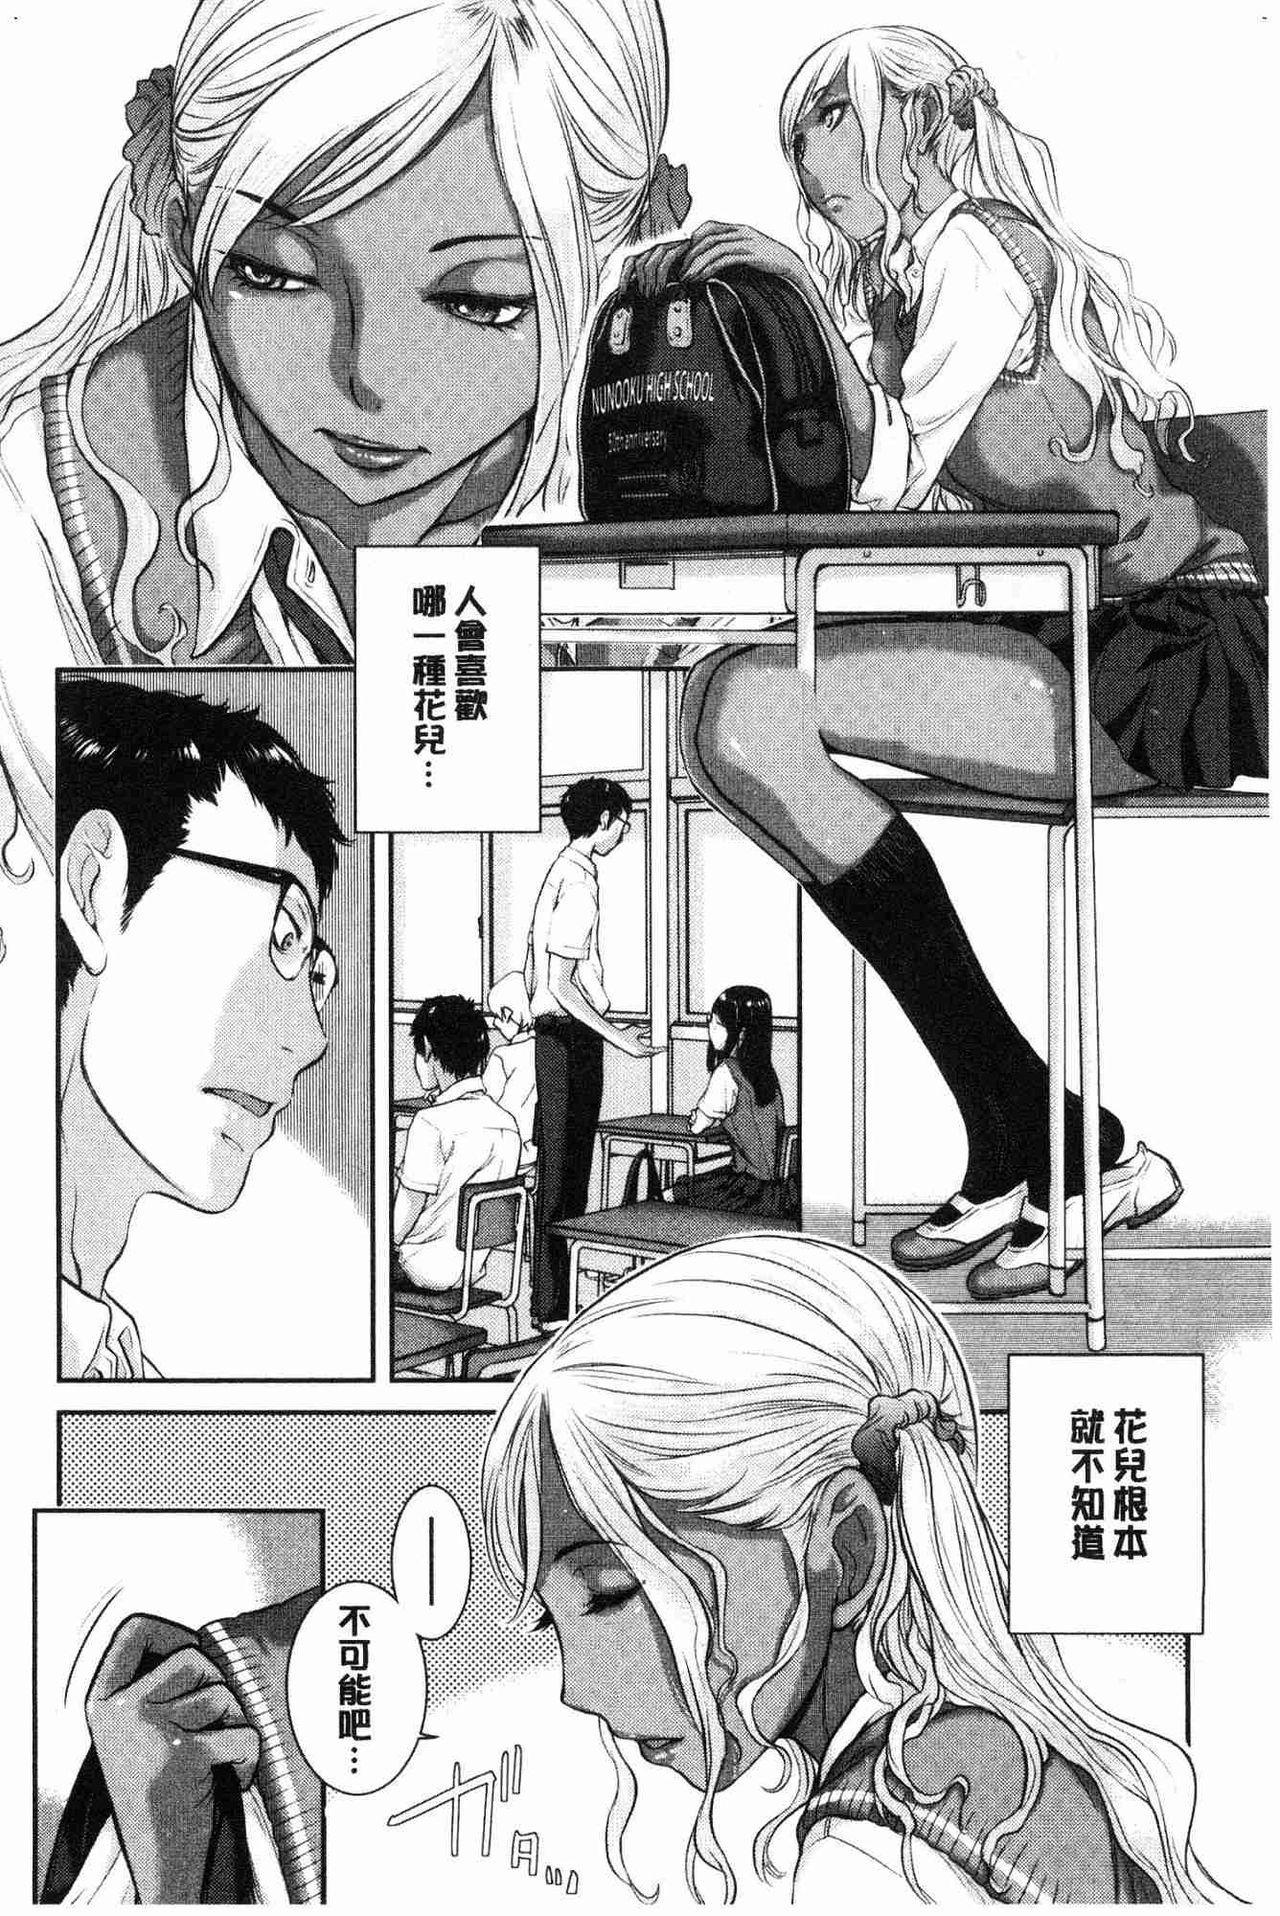 [Harazaki Takuma] Seifuku Shijou Shugi -Natsu- - Uniforms supremacy [Chinese] 182